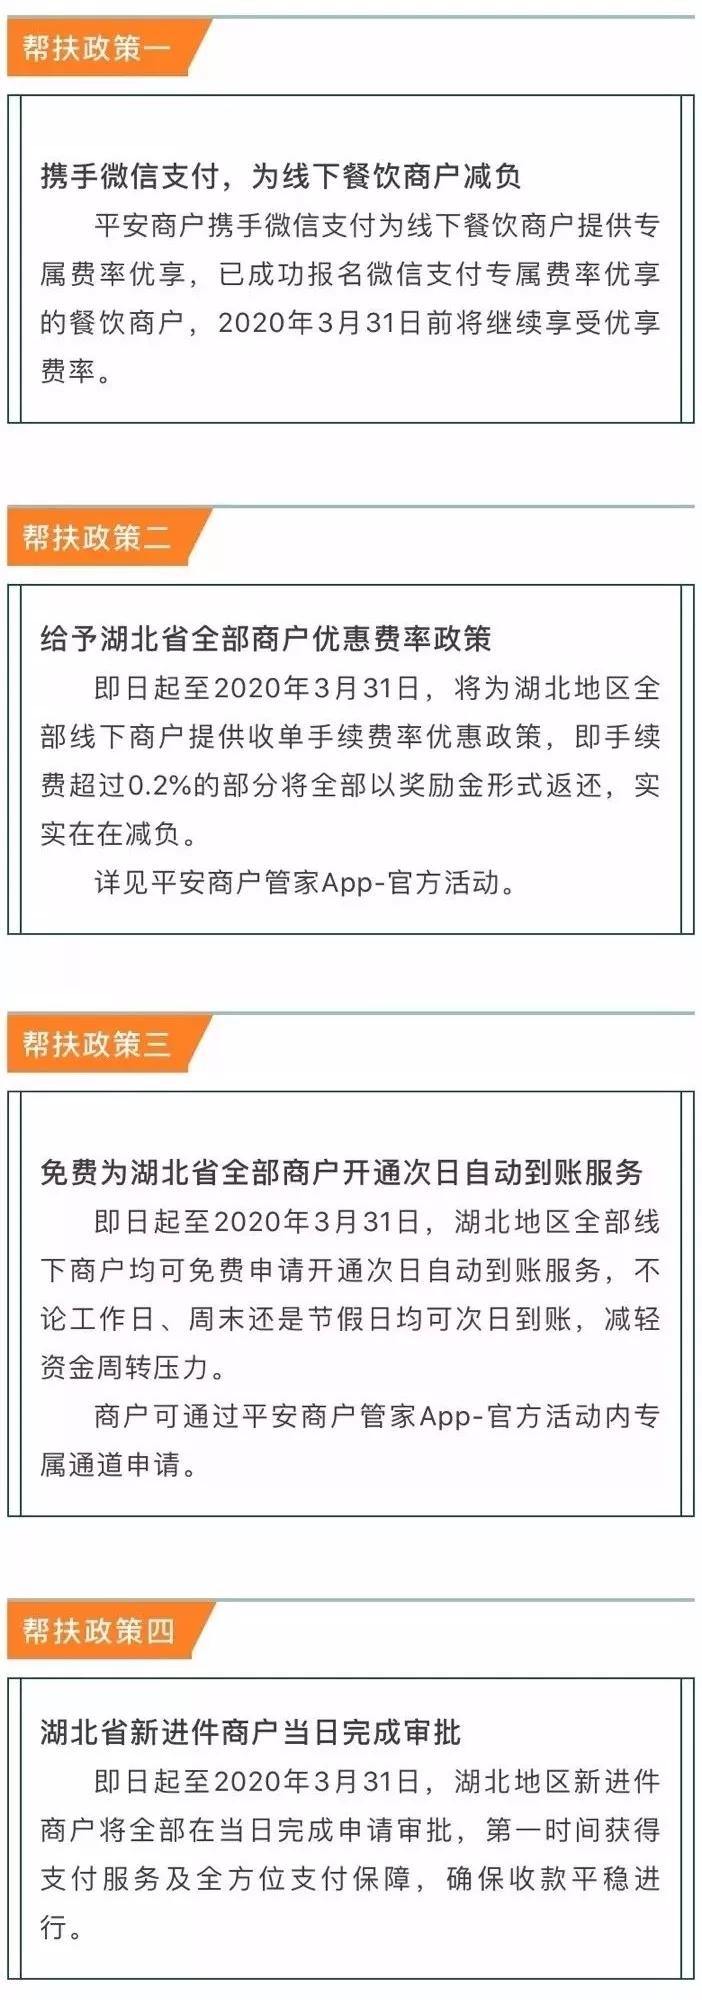 """超0.2%全返,平安壹钱包四大帮扶举措助力商家战""""疫"""""""